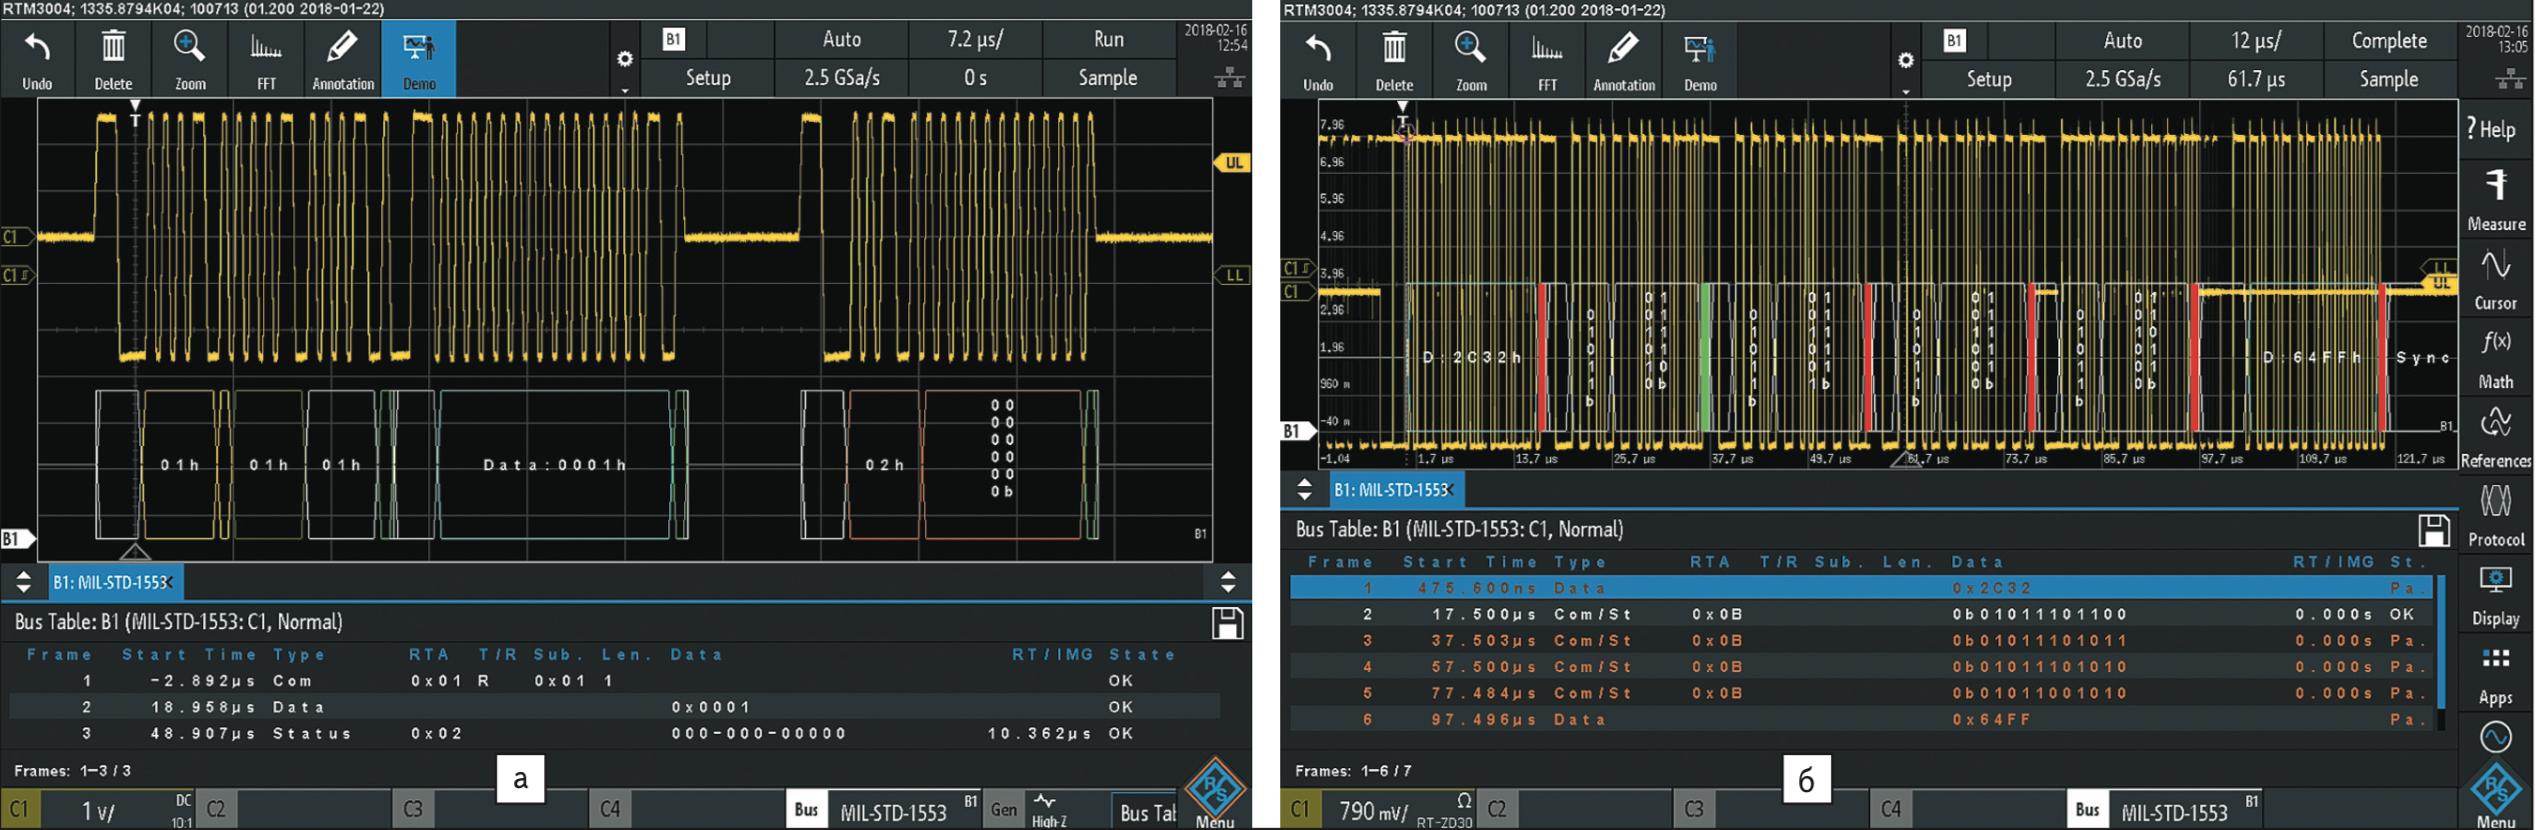 Результат декодирования сигналов стандарта MIL-1553 на осциллографе R&S RTM3004 при помощи опции R&S RTM-K6: а) в отсутствие ошибок; б) при наличии ошибок